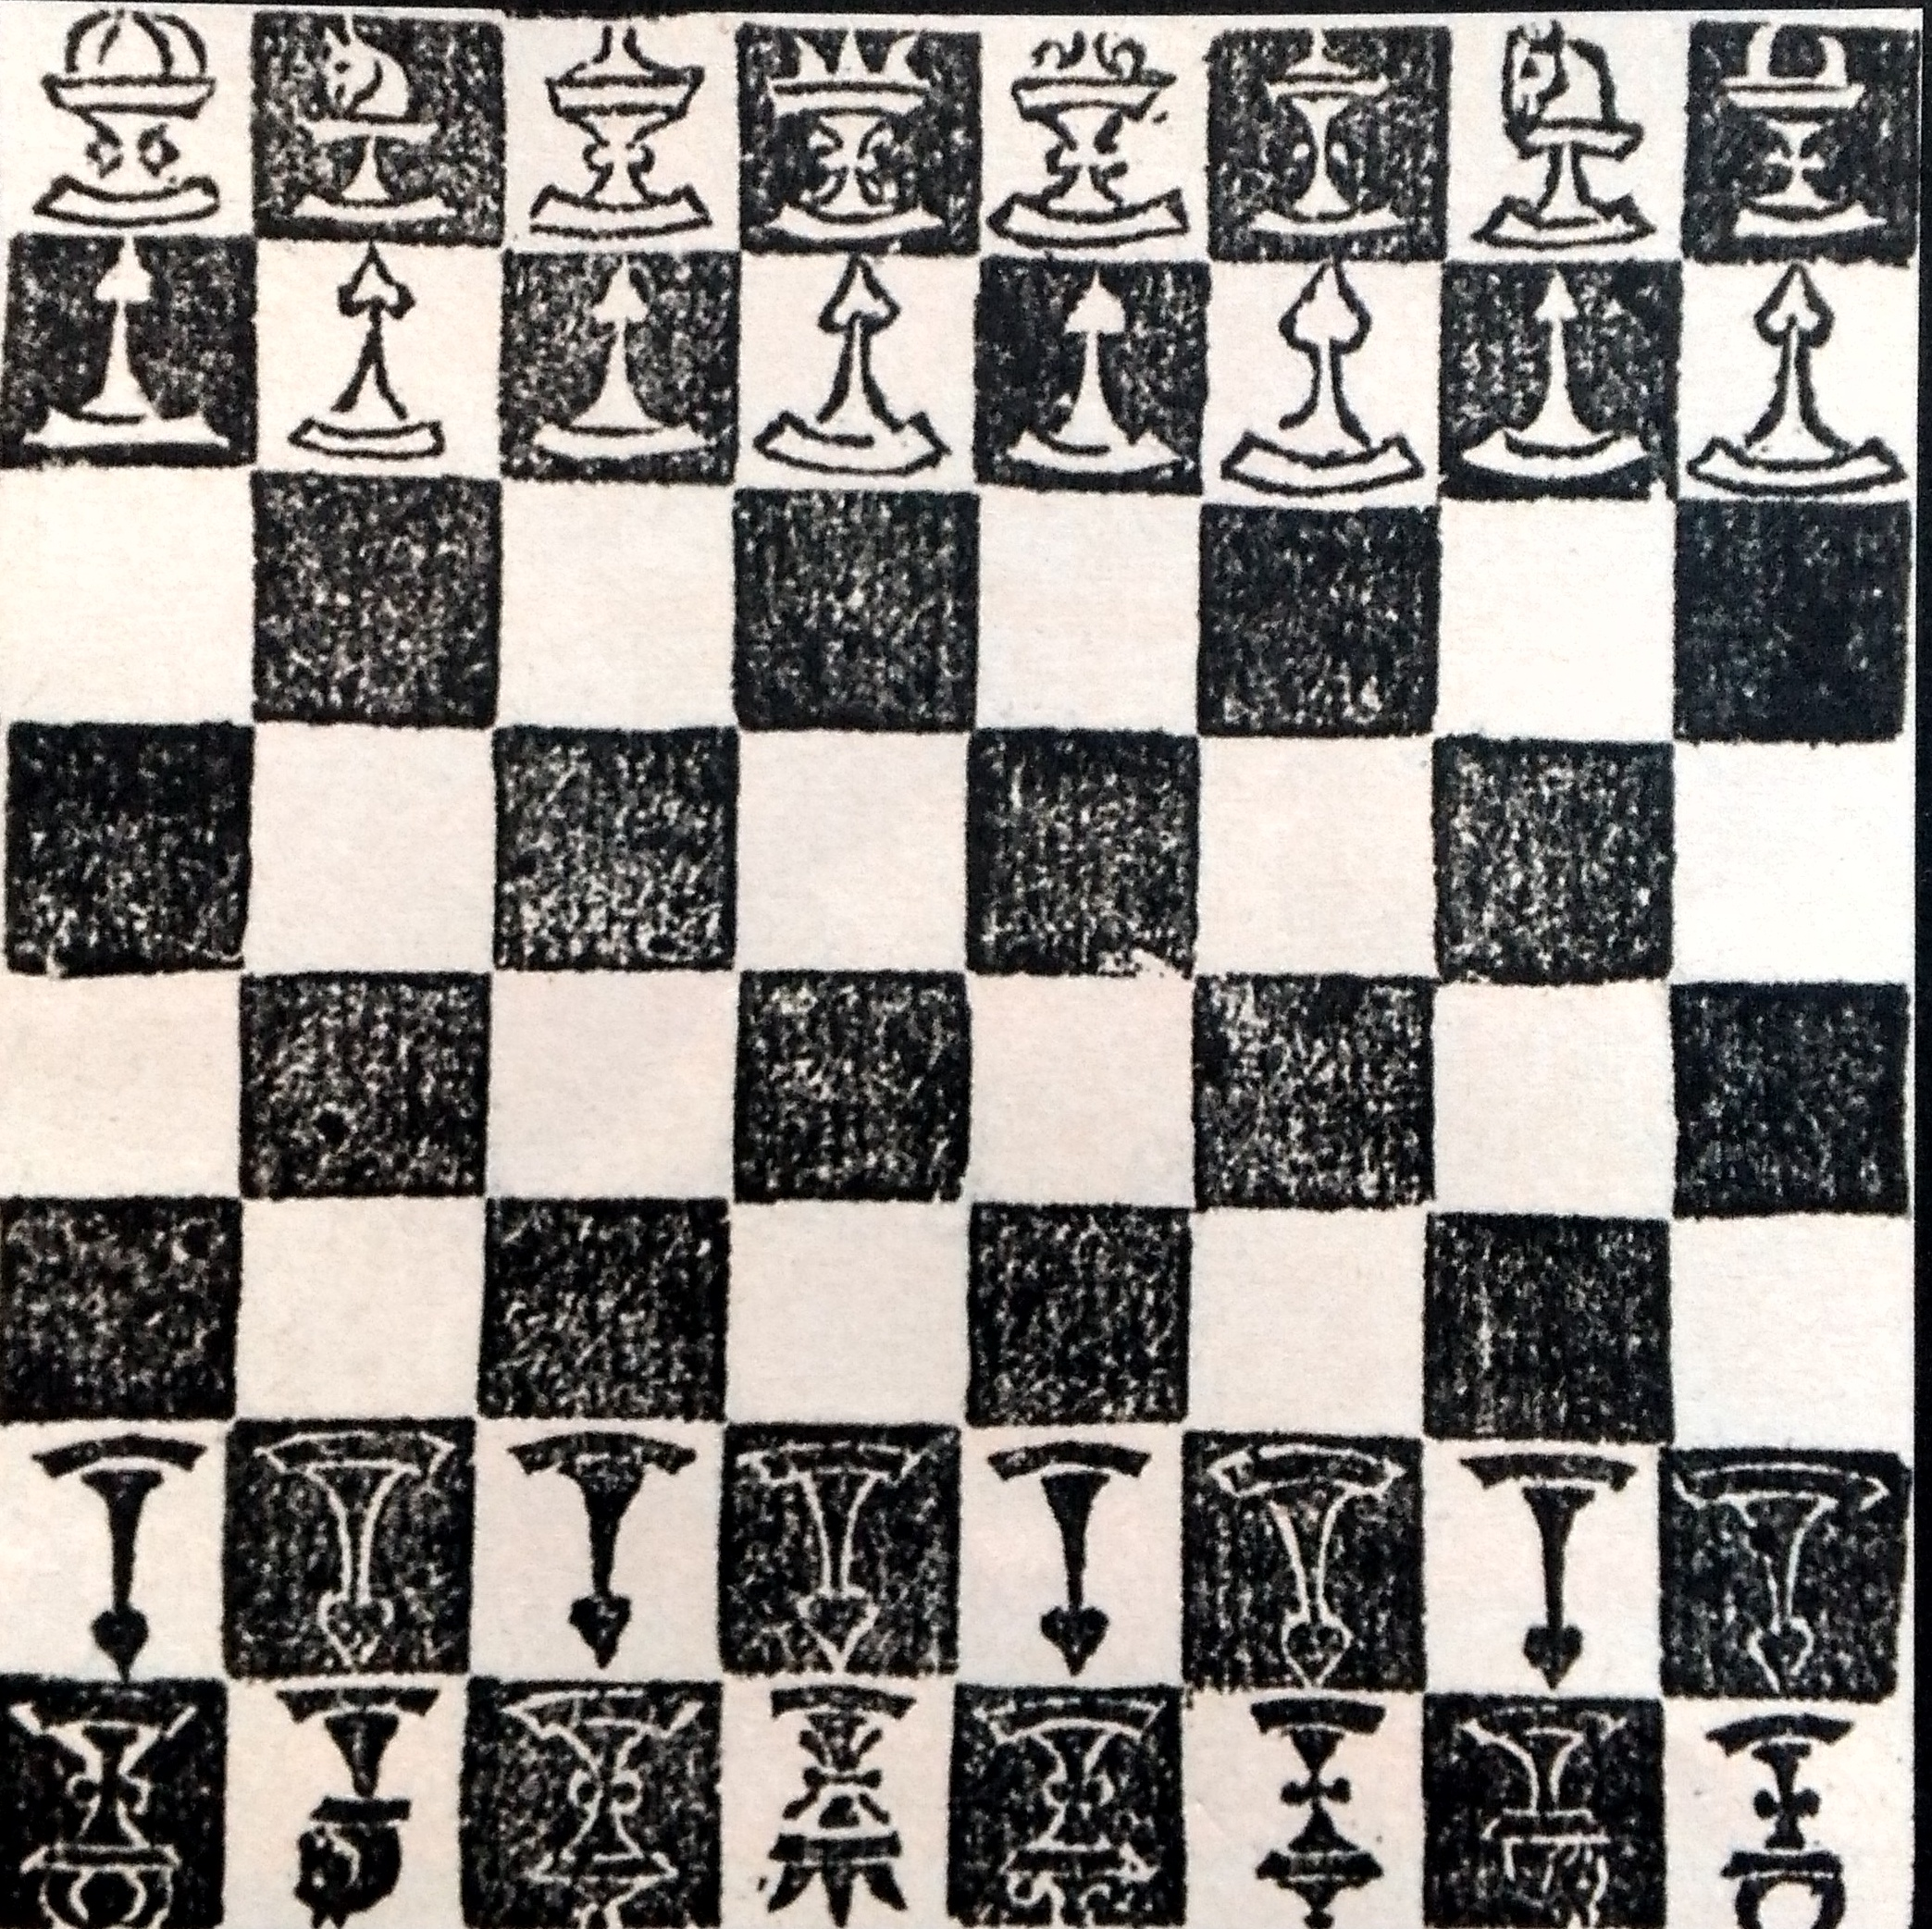 Juan Huarte de San Juan y el ajedrez